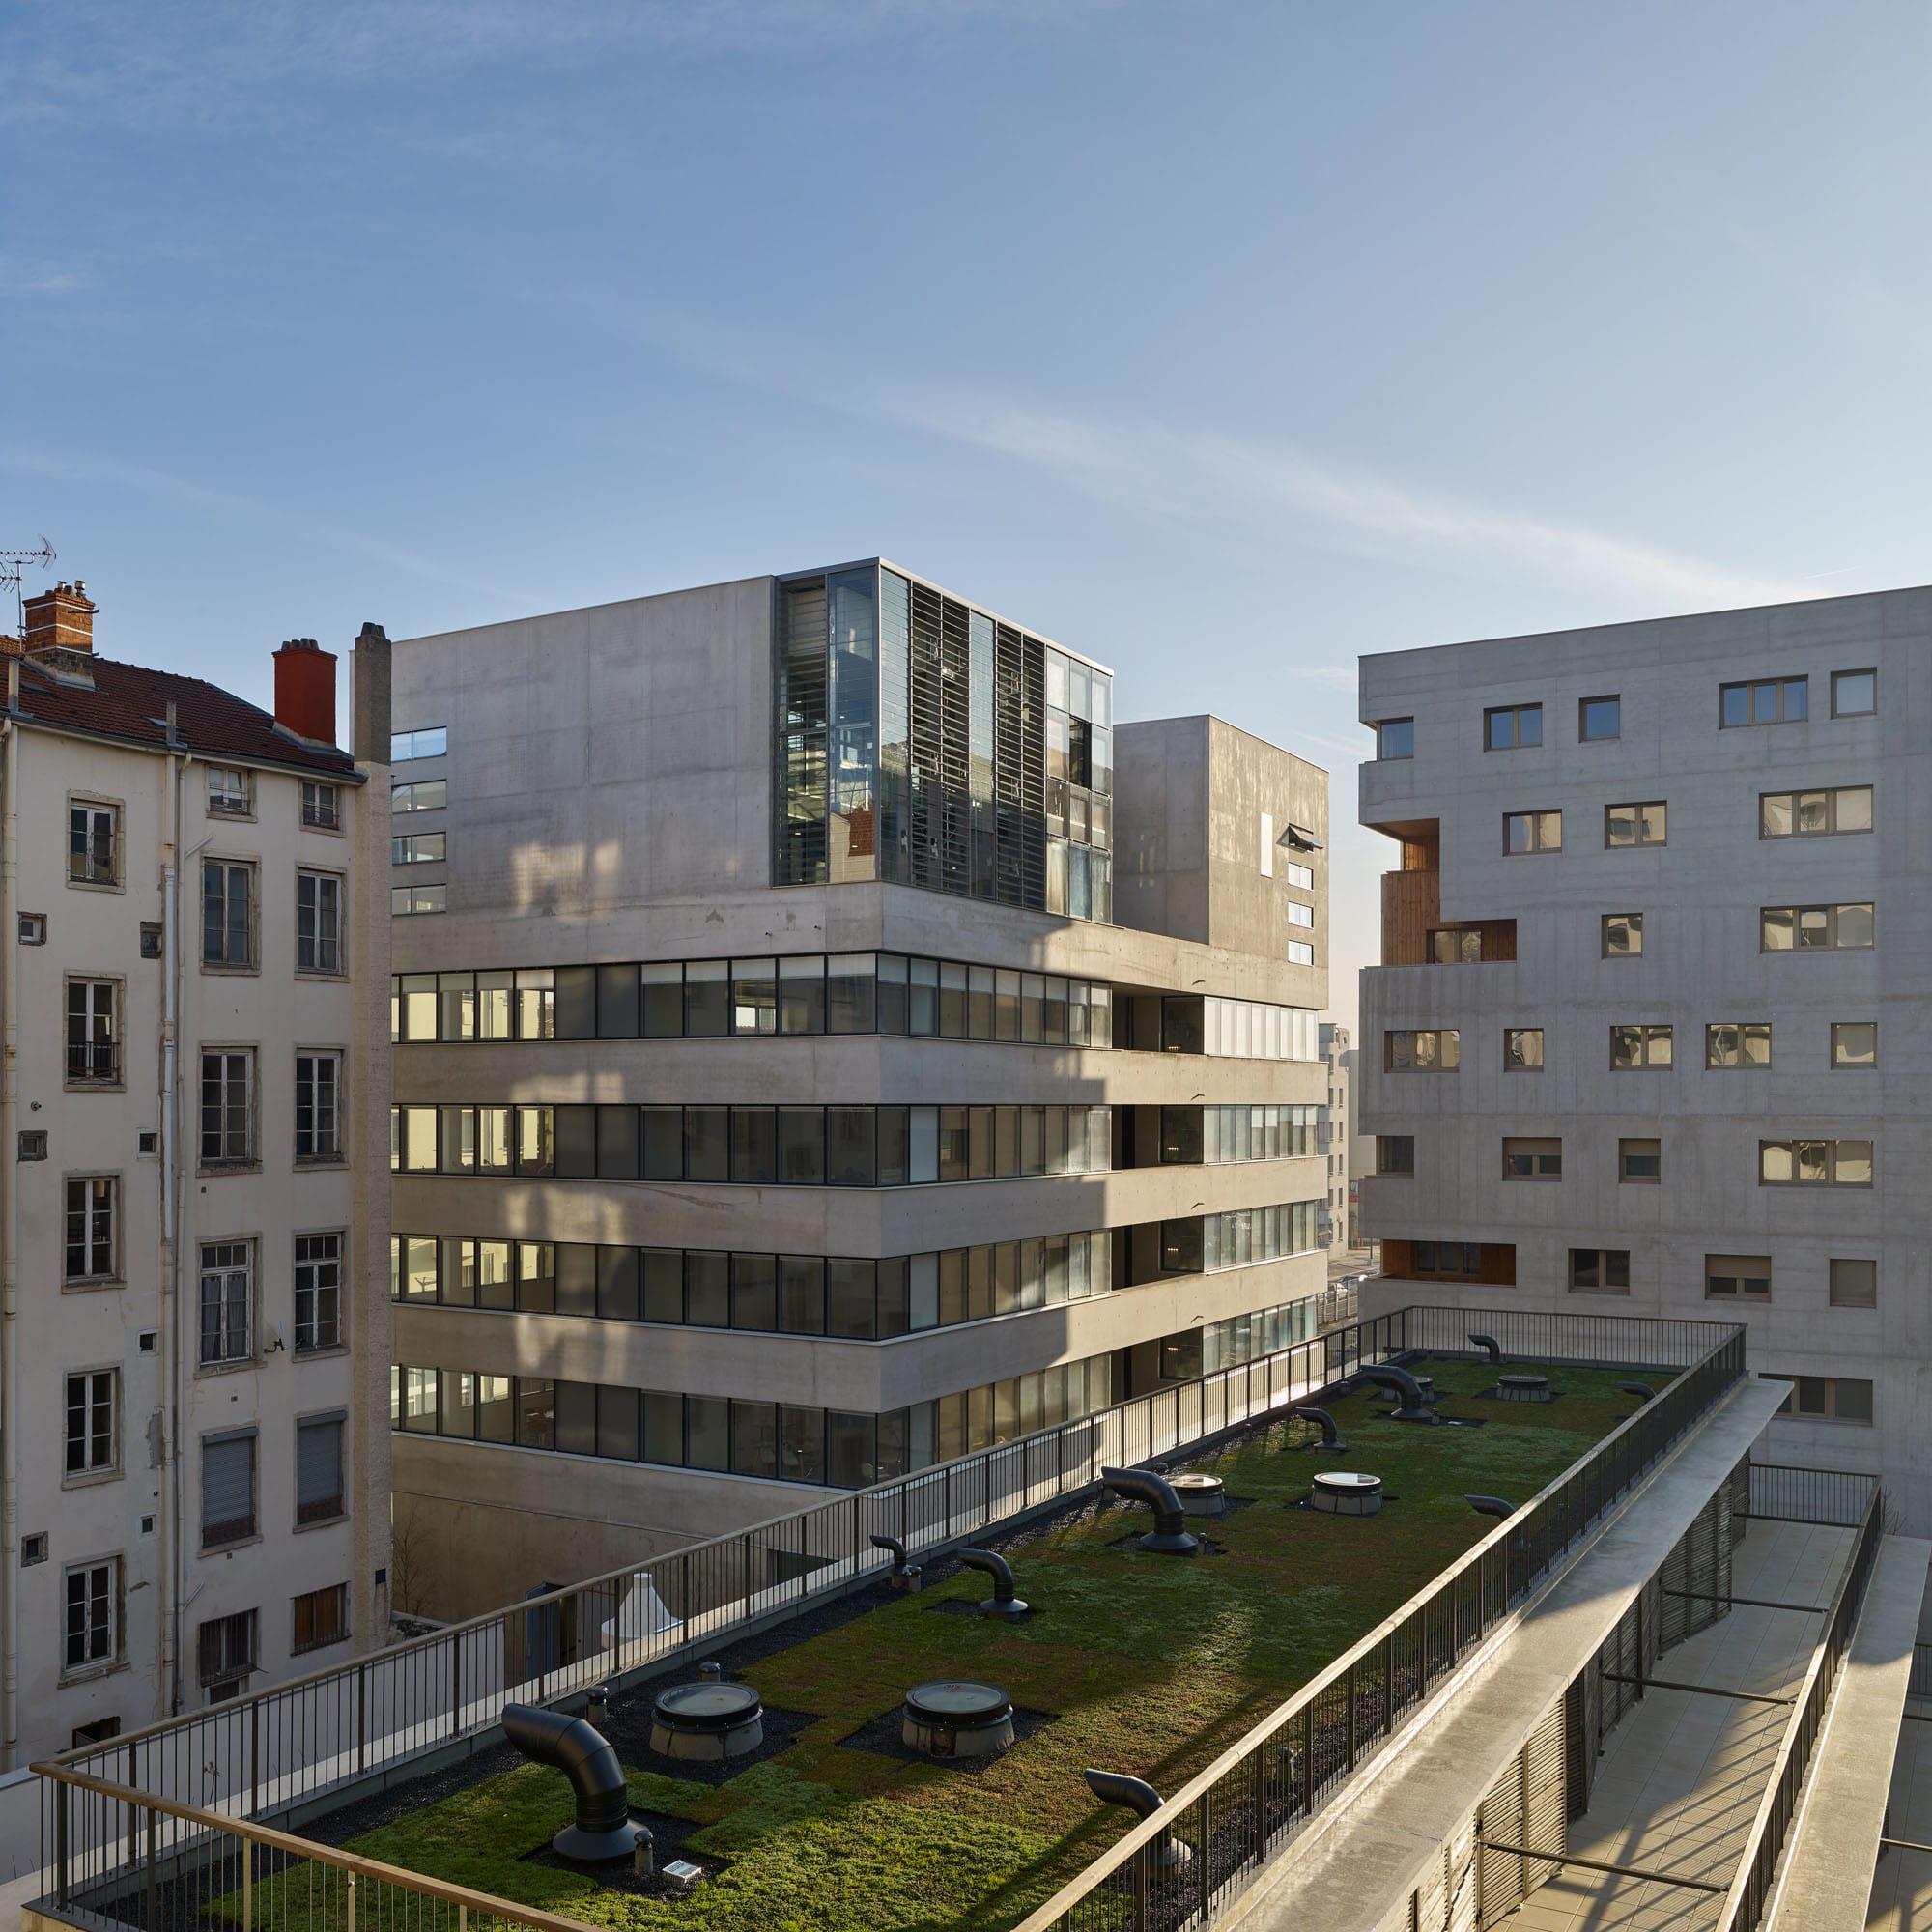 AFAA Architecture, Julien Lanoo, Gilles Aymard, Didier Boy de la Tour,  Maxime Delvaux · UnitY · Divisare